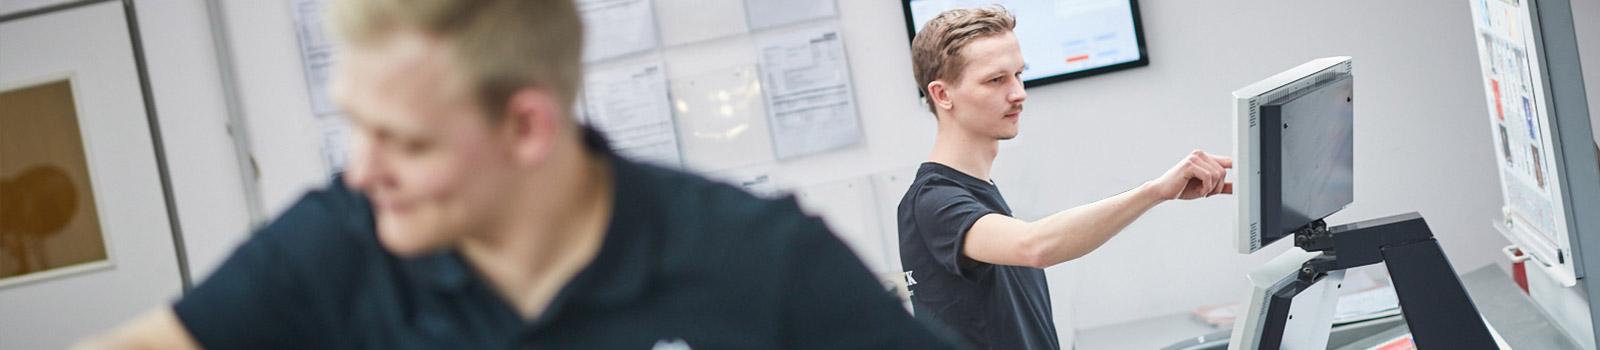 Ausbildung zum Medientechnologen (Druck) bei der Druckerei Satzdruck im Münsterland.